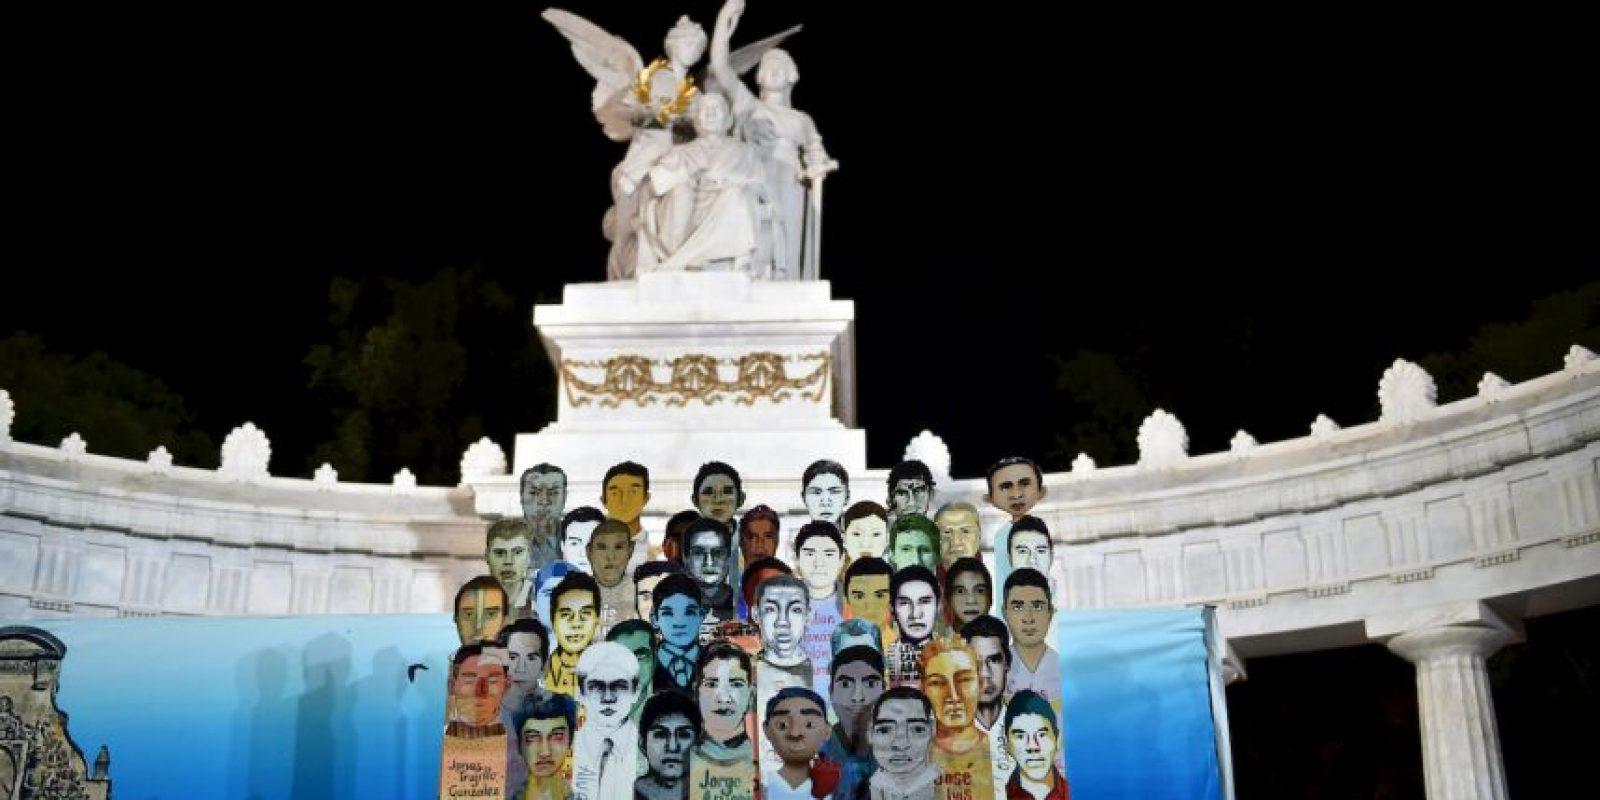 """""""Los mexicanos están comprensiblemente indignados con un gobierno que ha fracasado en dar seguridad, respetar el estado de derecho, lograr que los criminales respondan por sus actos y garantizar que haya justicia para las víctimas y sus familias"""", se asegura en el escrito. Foto:AFP"""